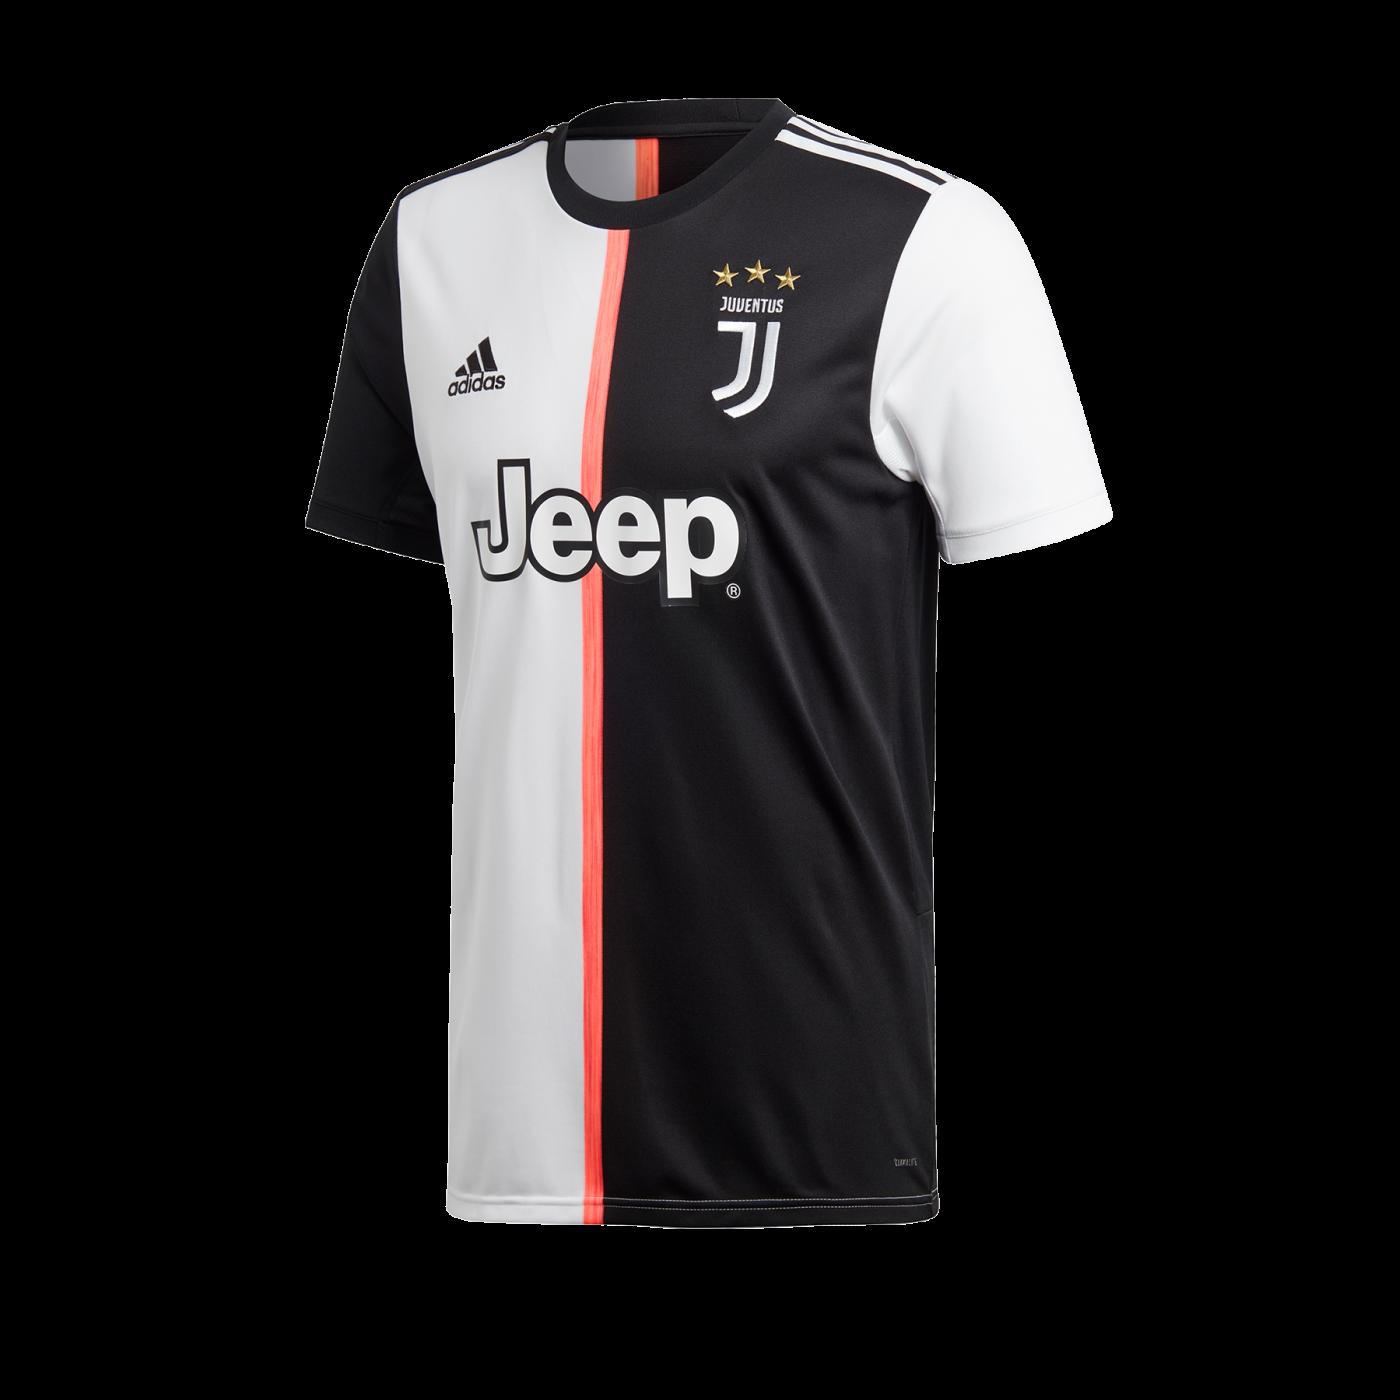 adidas Juventus Turin Trikot Home 2019/2020   Jersey   Replica   International   Fanartikel